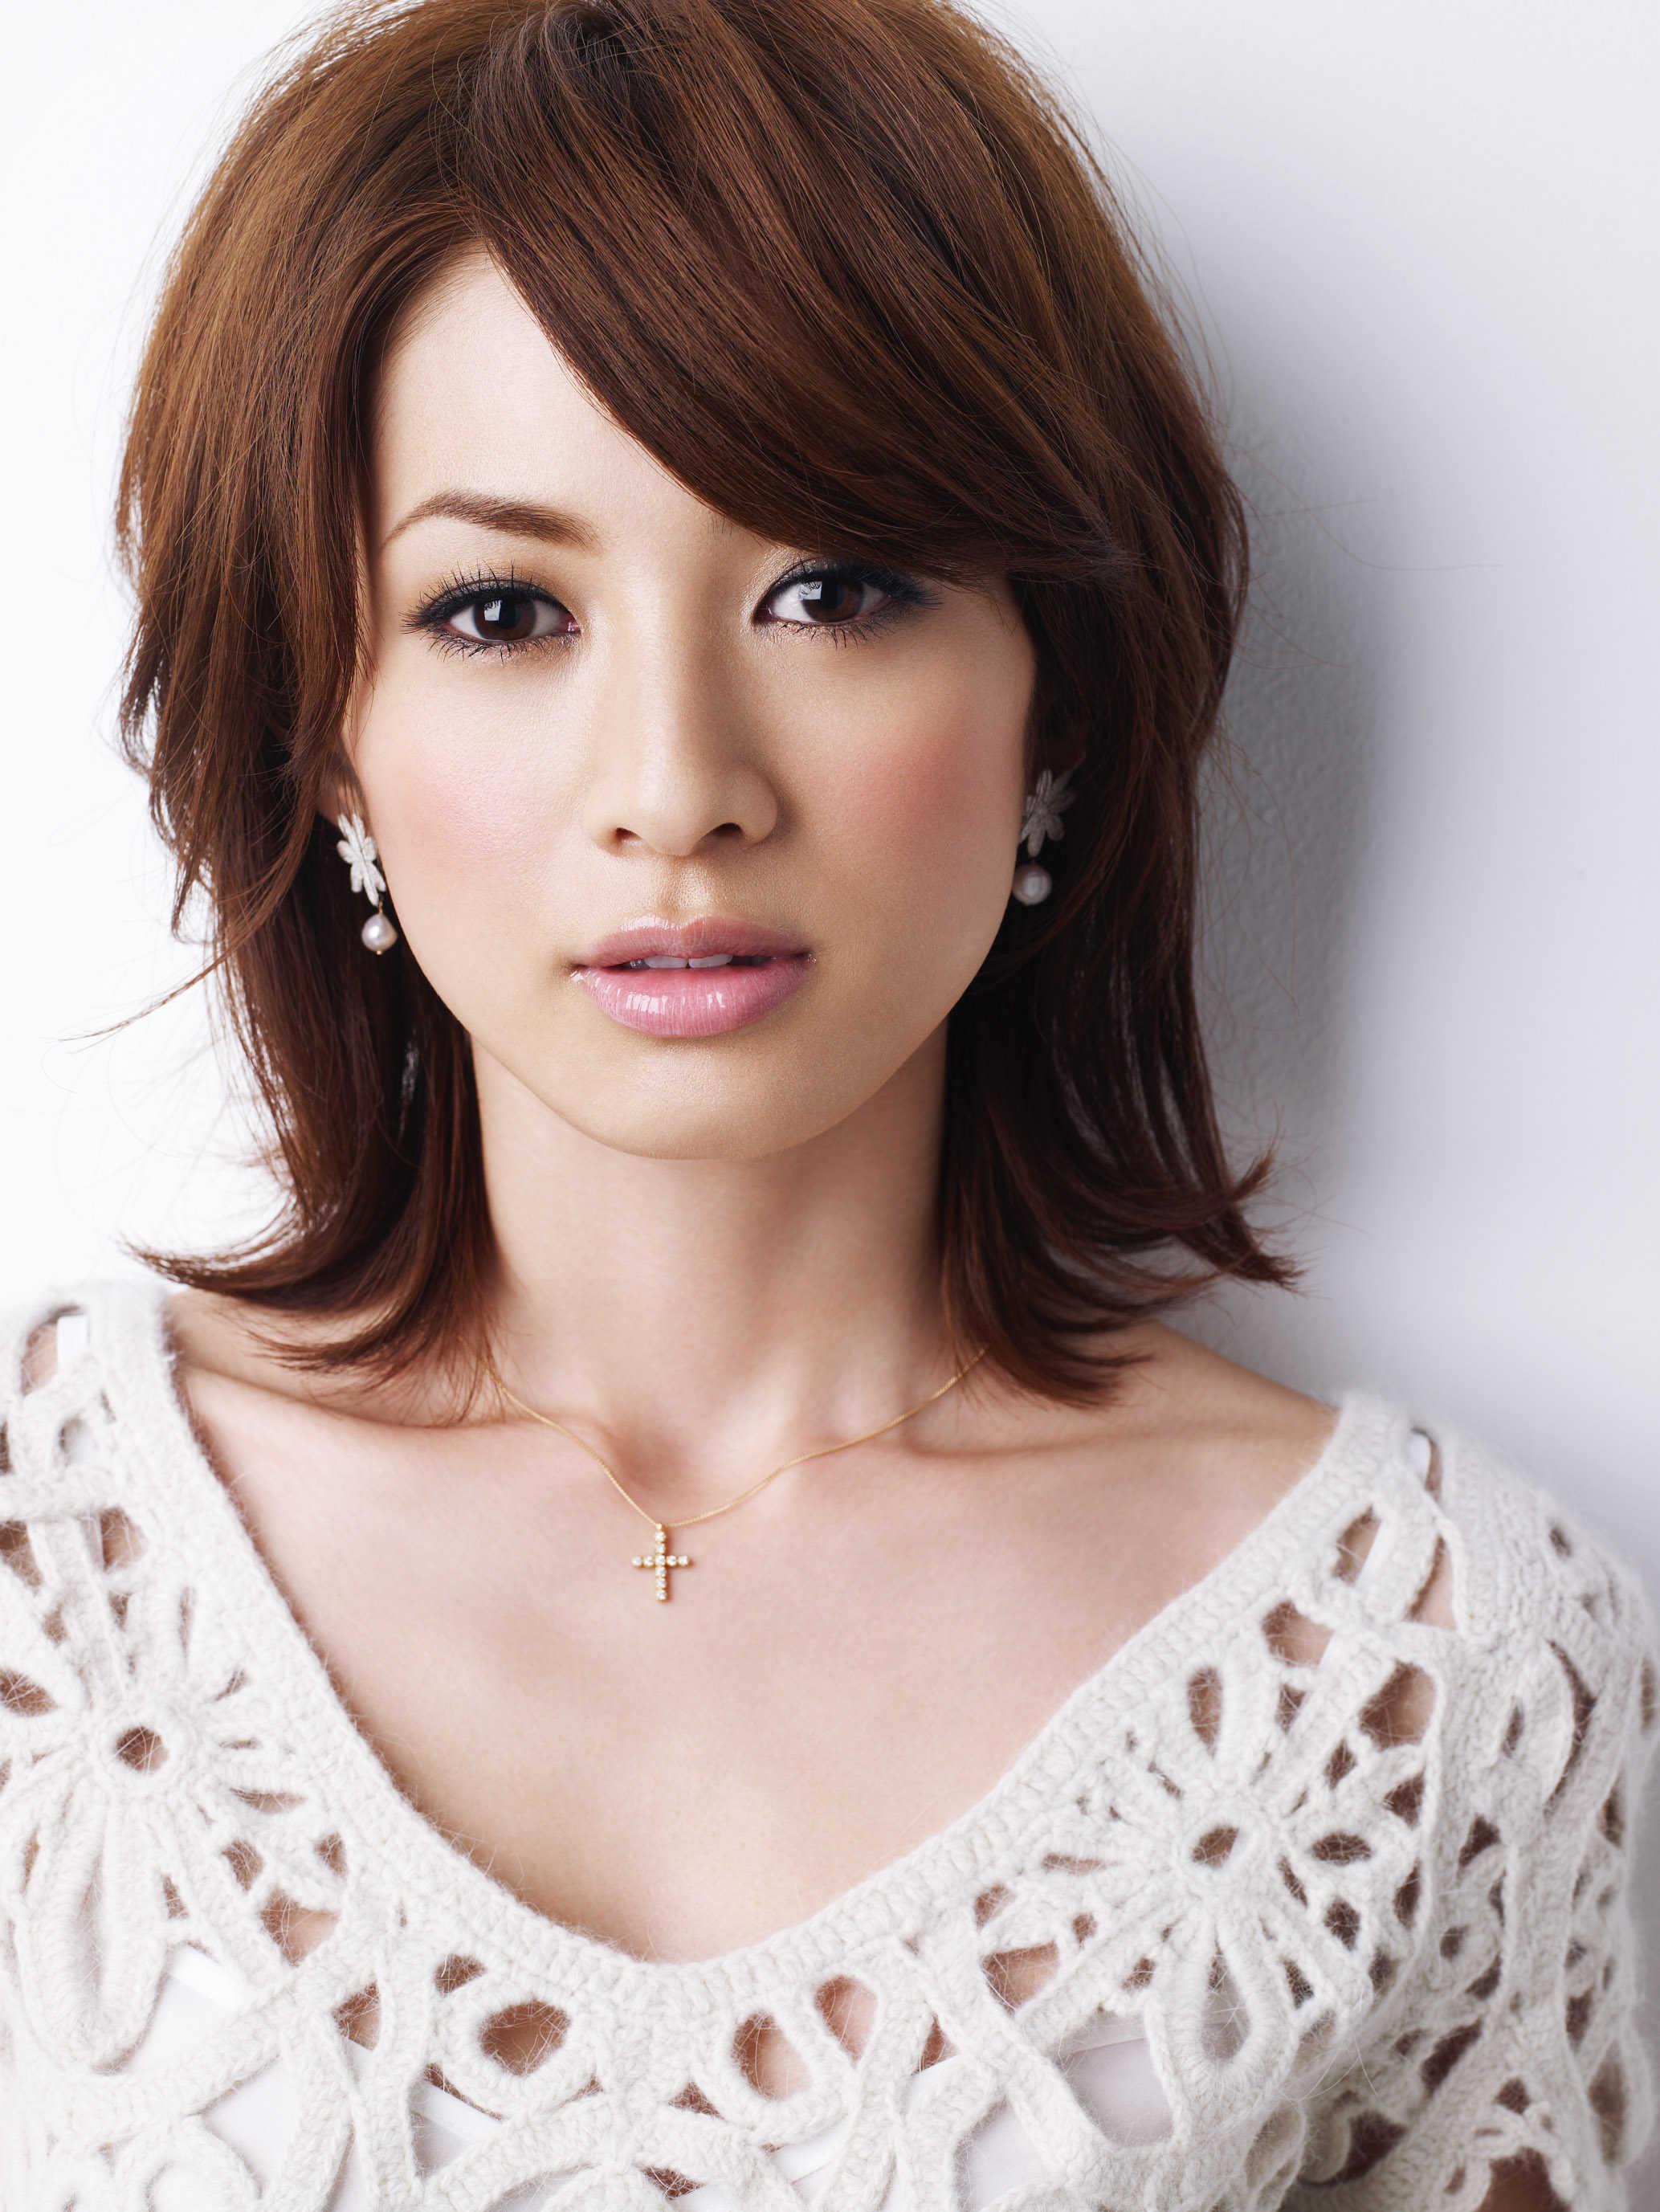 AneCan専属モデル!30代が真似したい高垣麗子のヘアスタイル♪のサムネイル画像